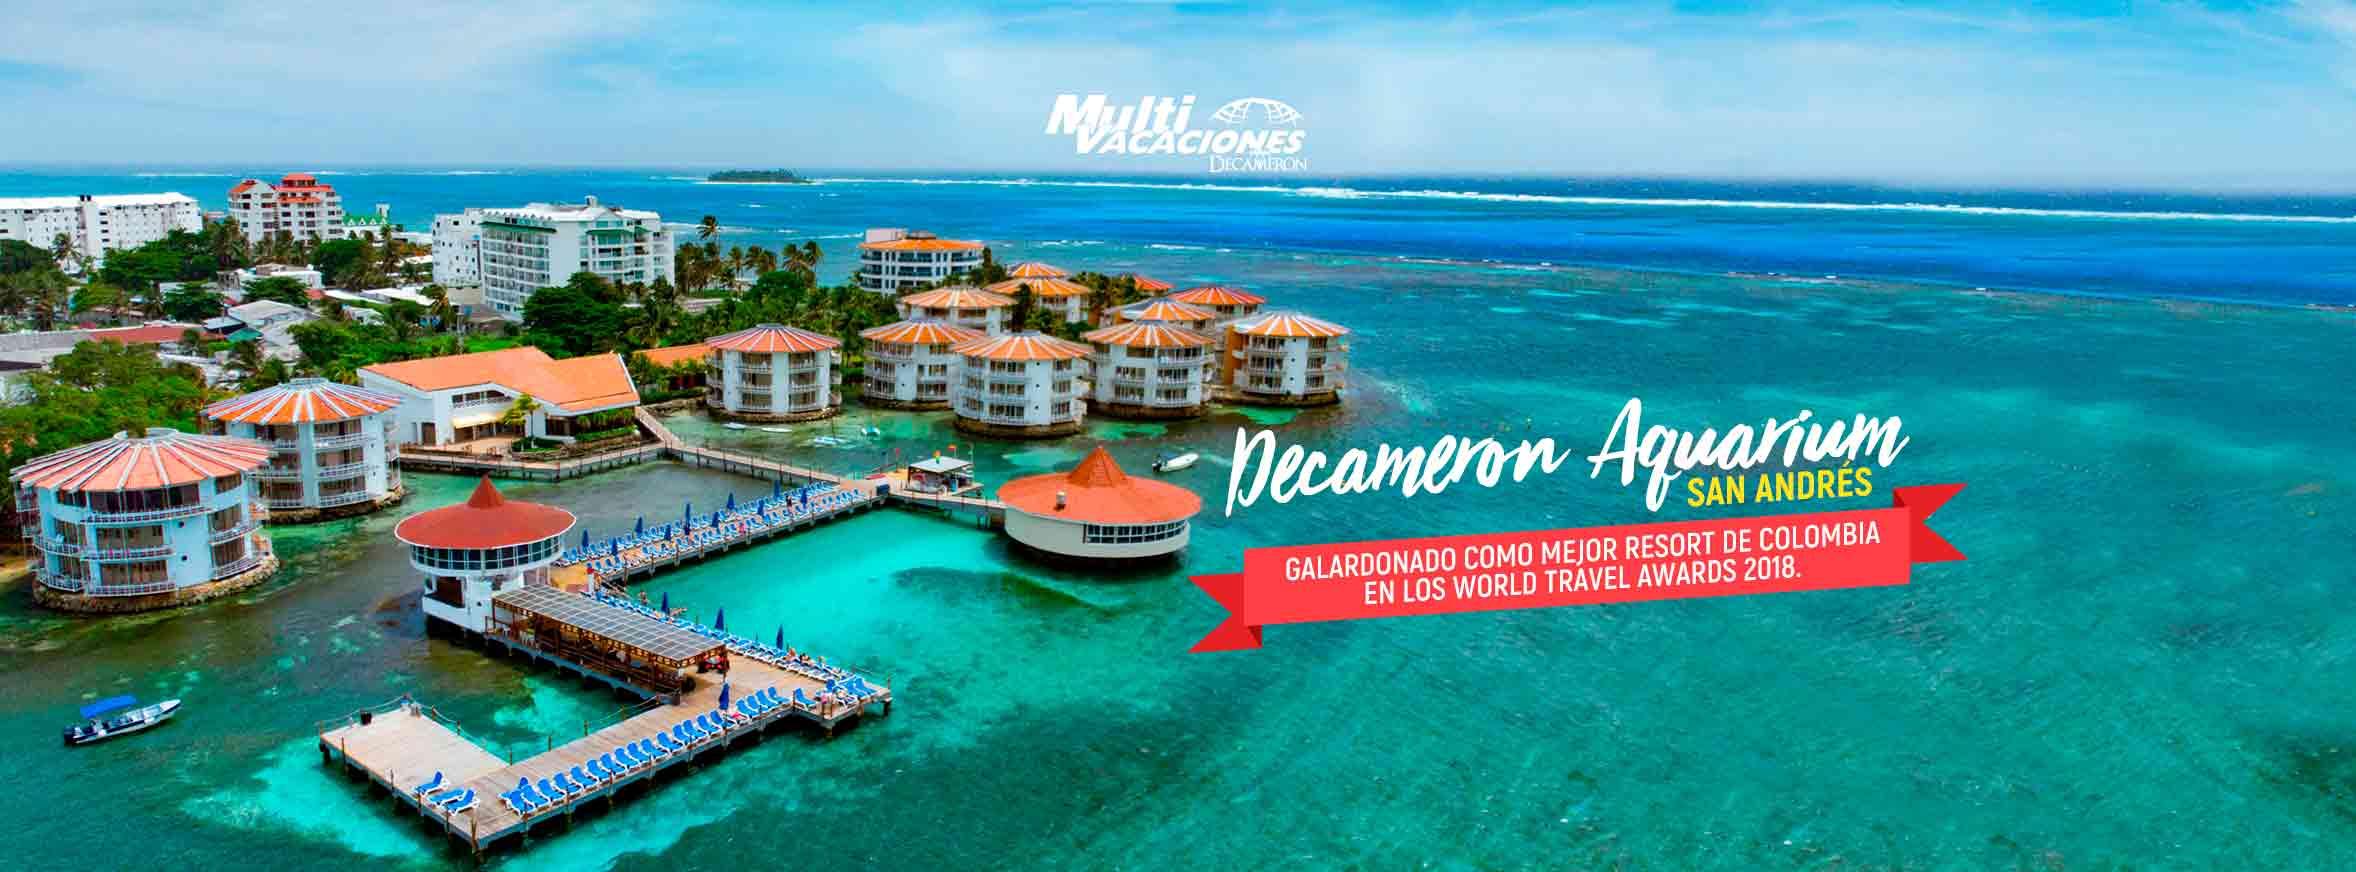 aquarium-galardonado-world-travel-awards-2018